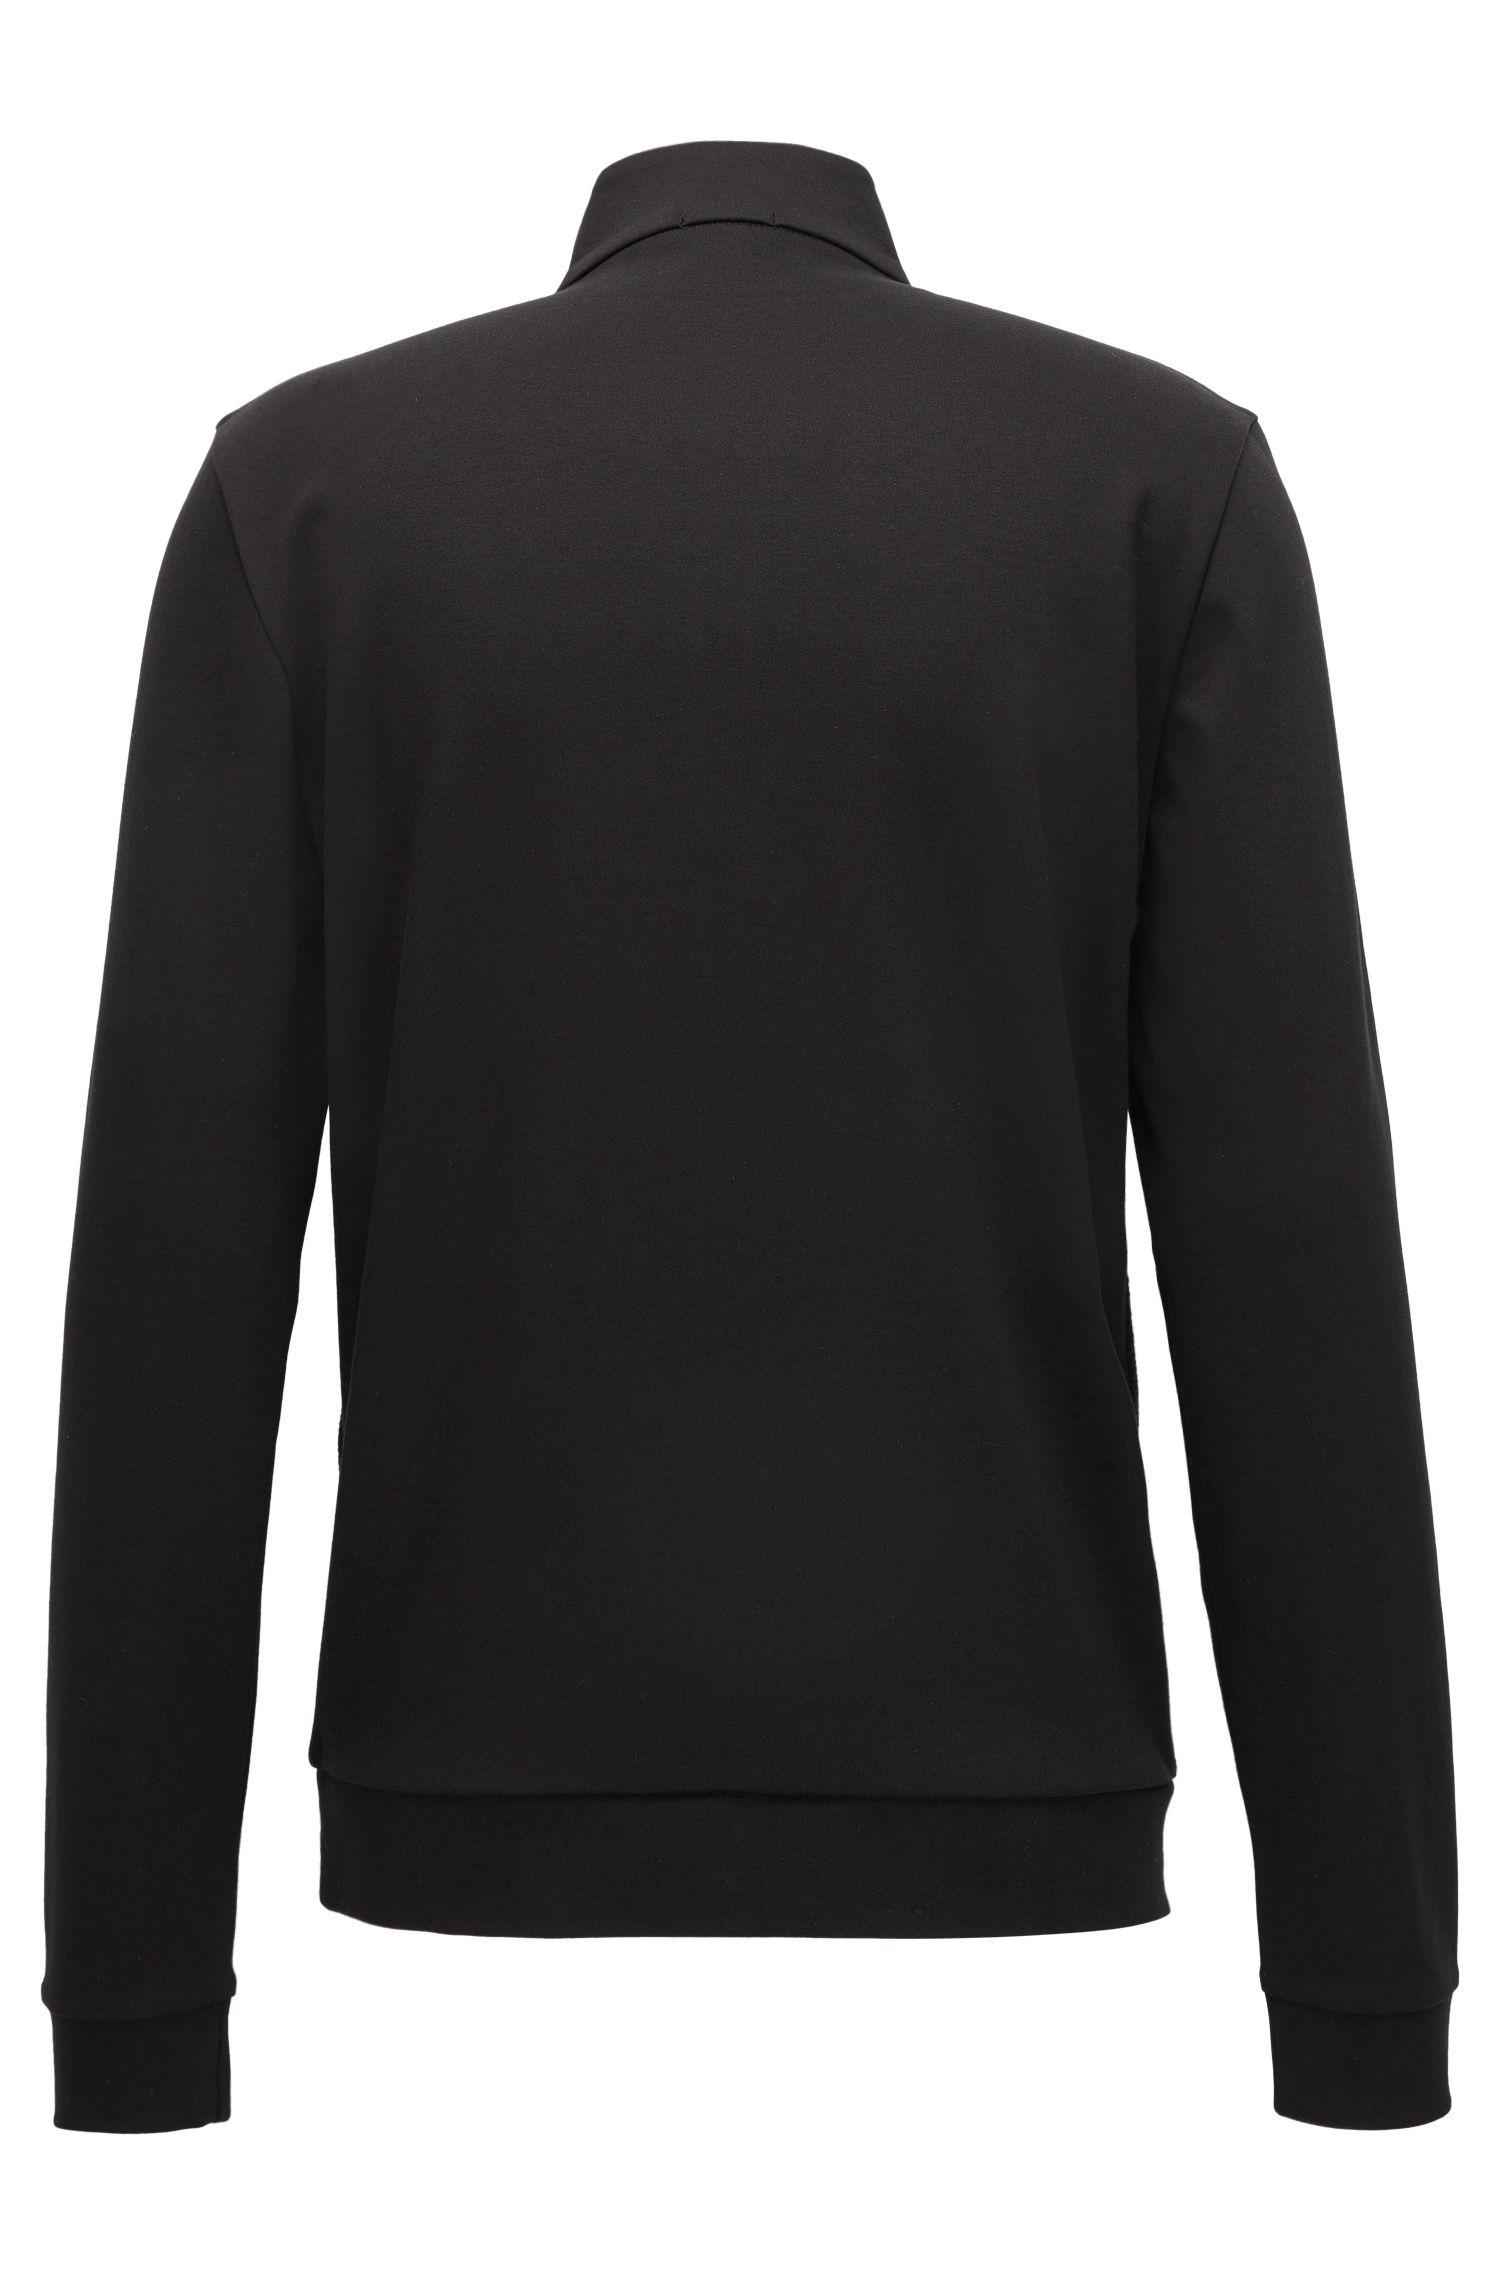 Zip-neck sweatshirt in mercerized cotton, Black